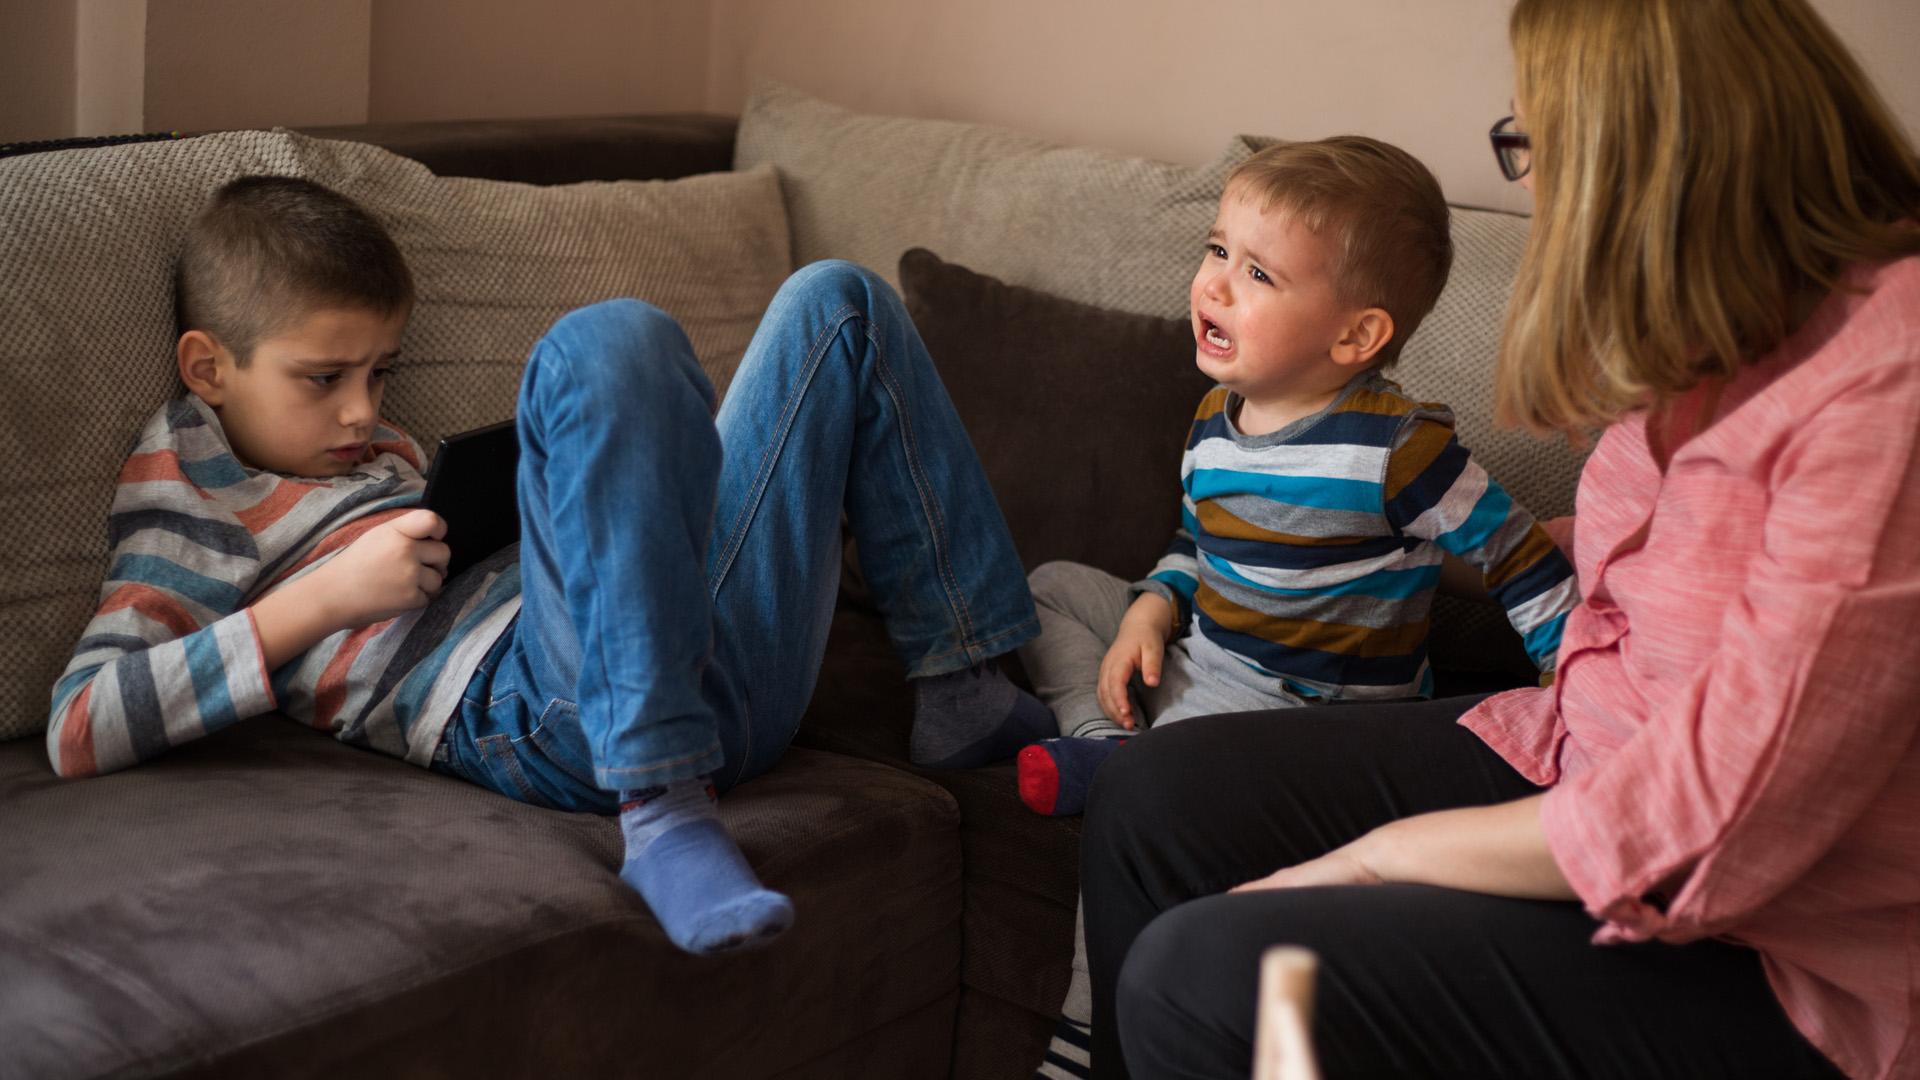 Főleg a szülőkön múlik, mennyire mérgesedik el a konfliktus